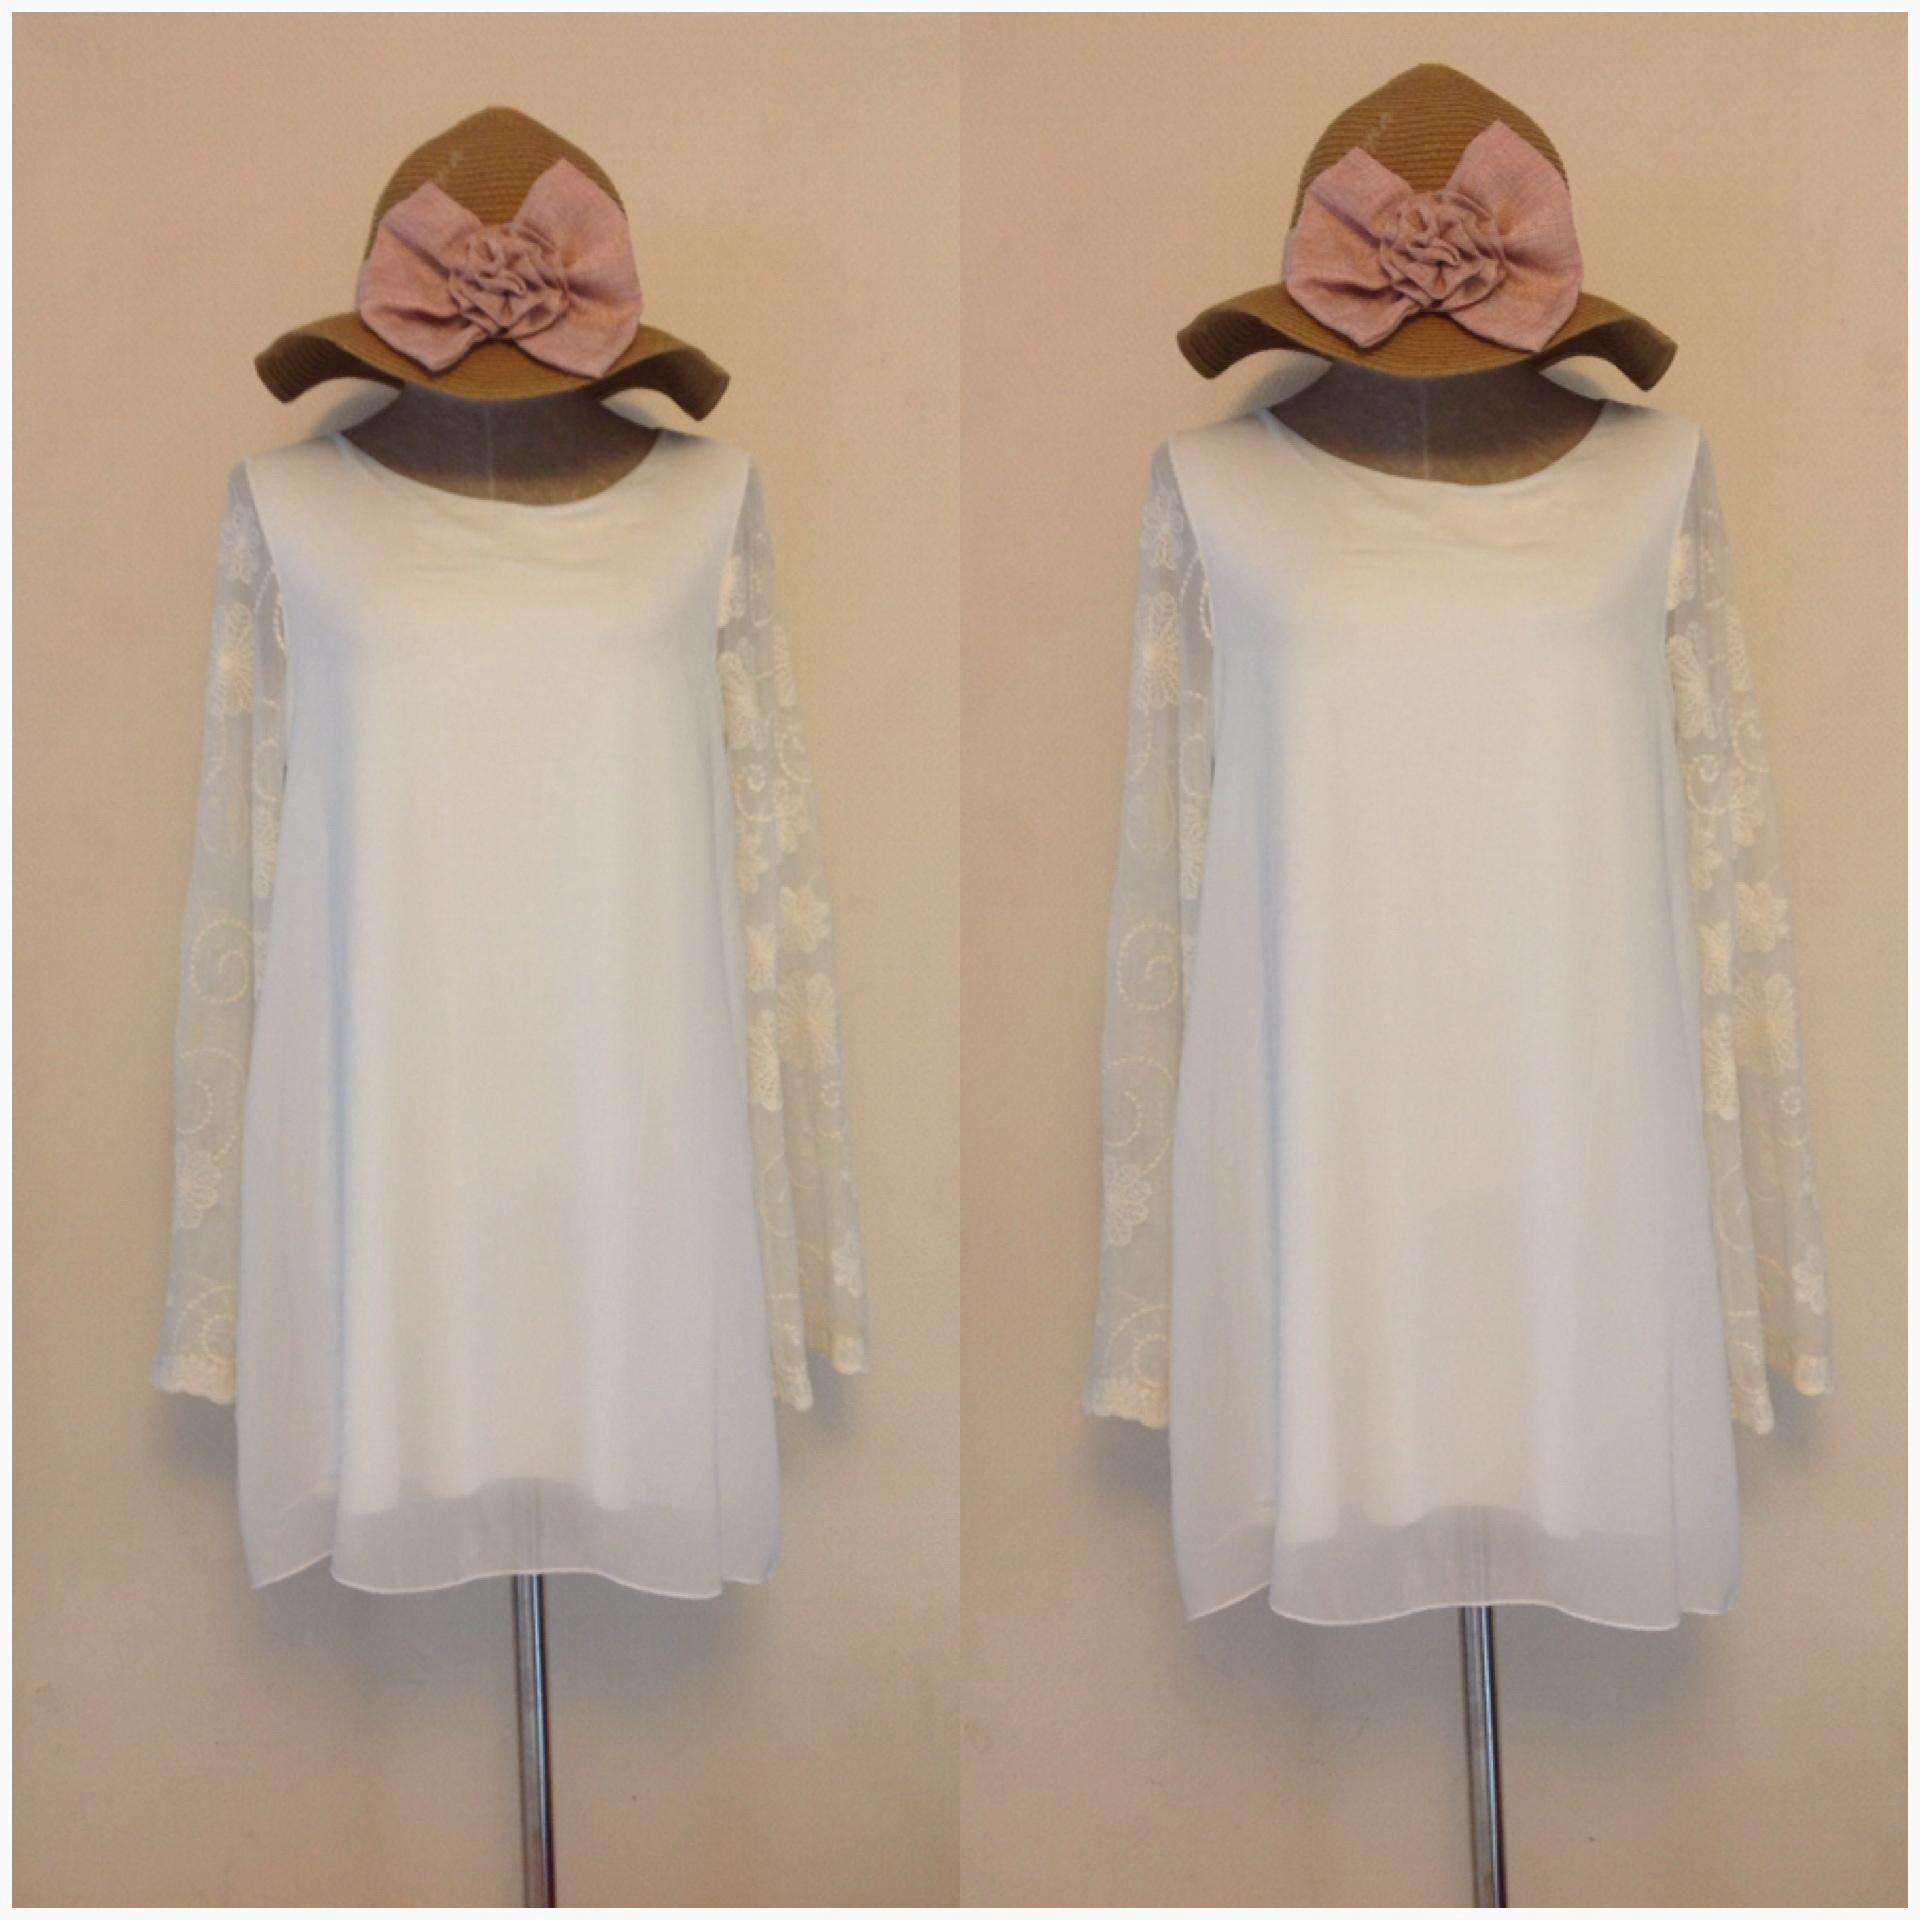 Topshop White Chiffon Lace Sleeve Dress Size uk12